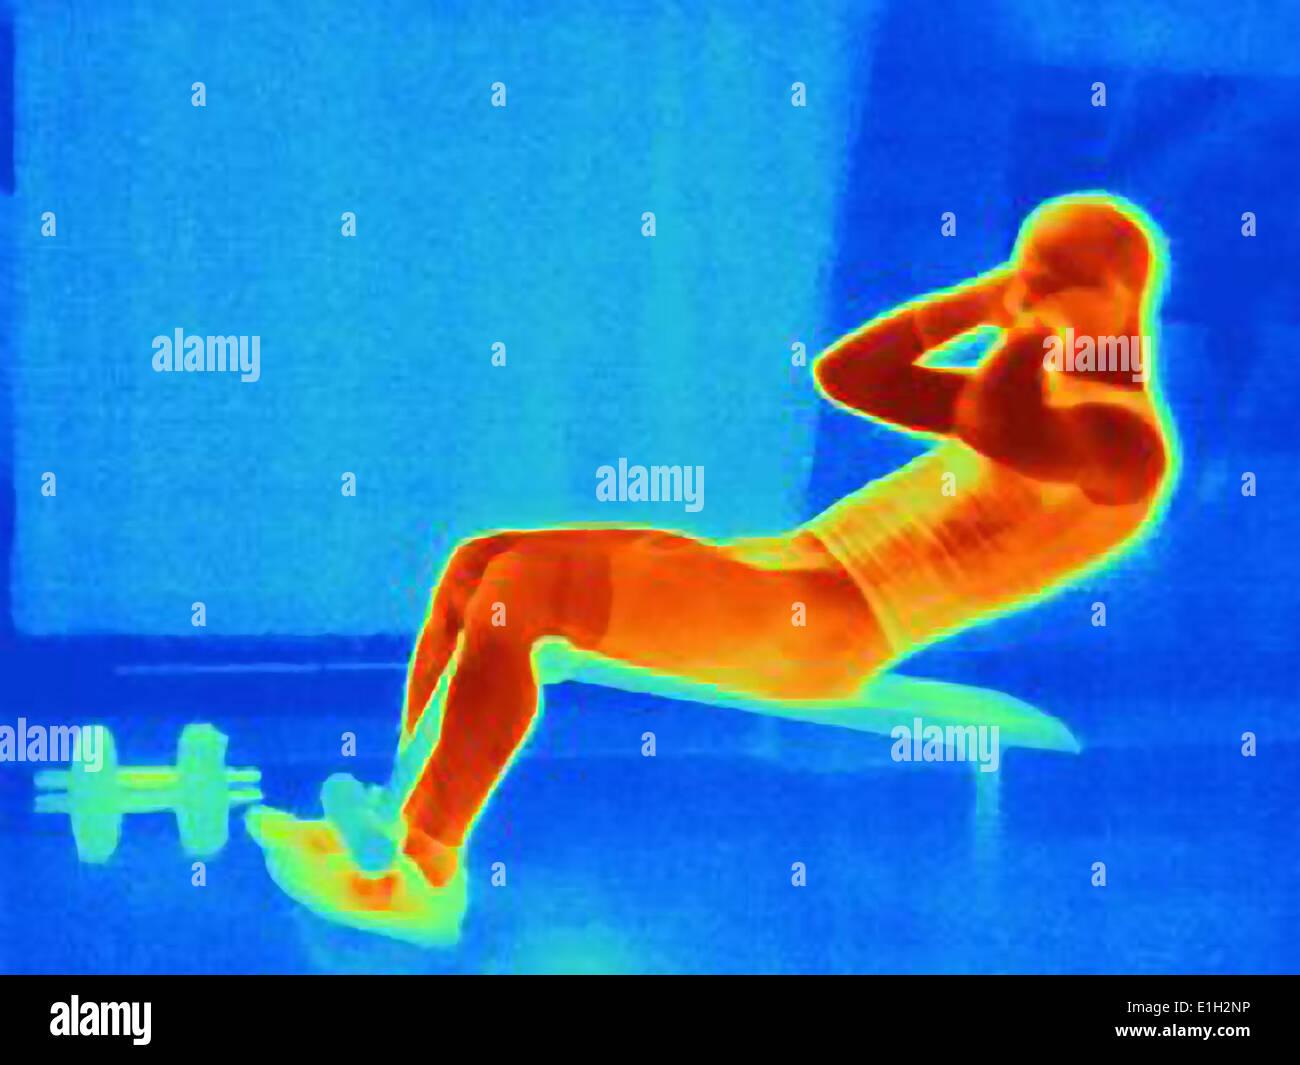 Immagine termica del giovane uomo facendo tirare ups sulla panca pesi. L'immagine mostra il calore prodotto dai muscoli Immagini Stock